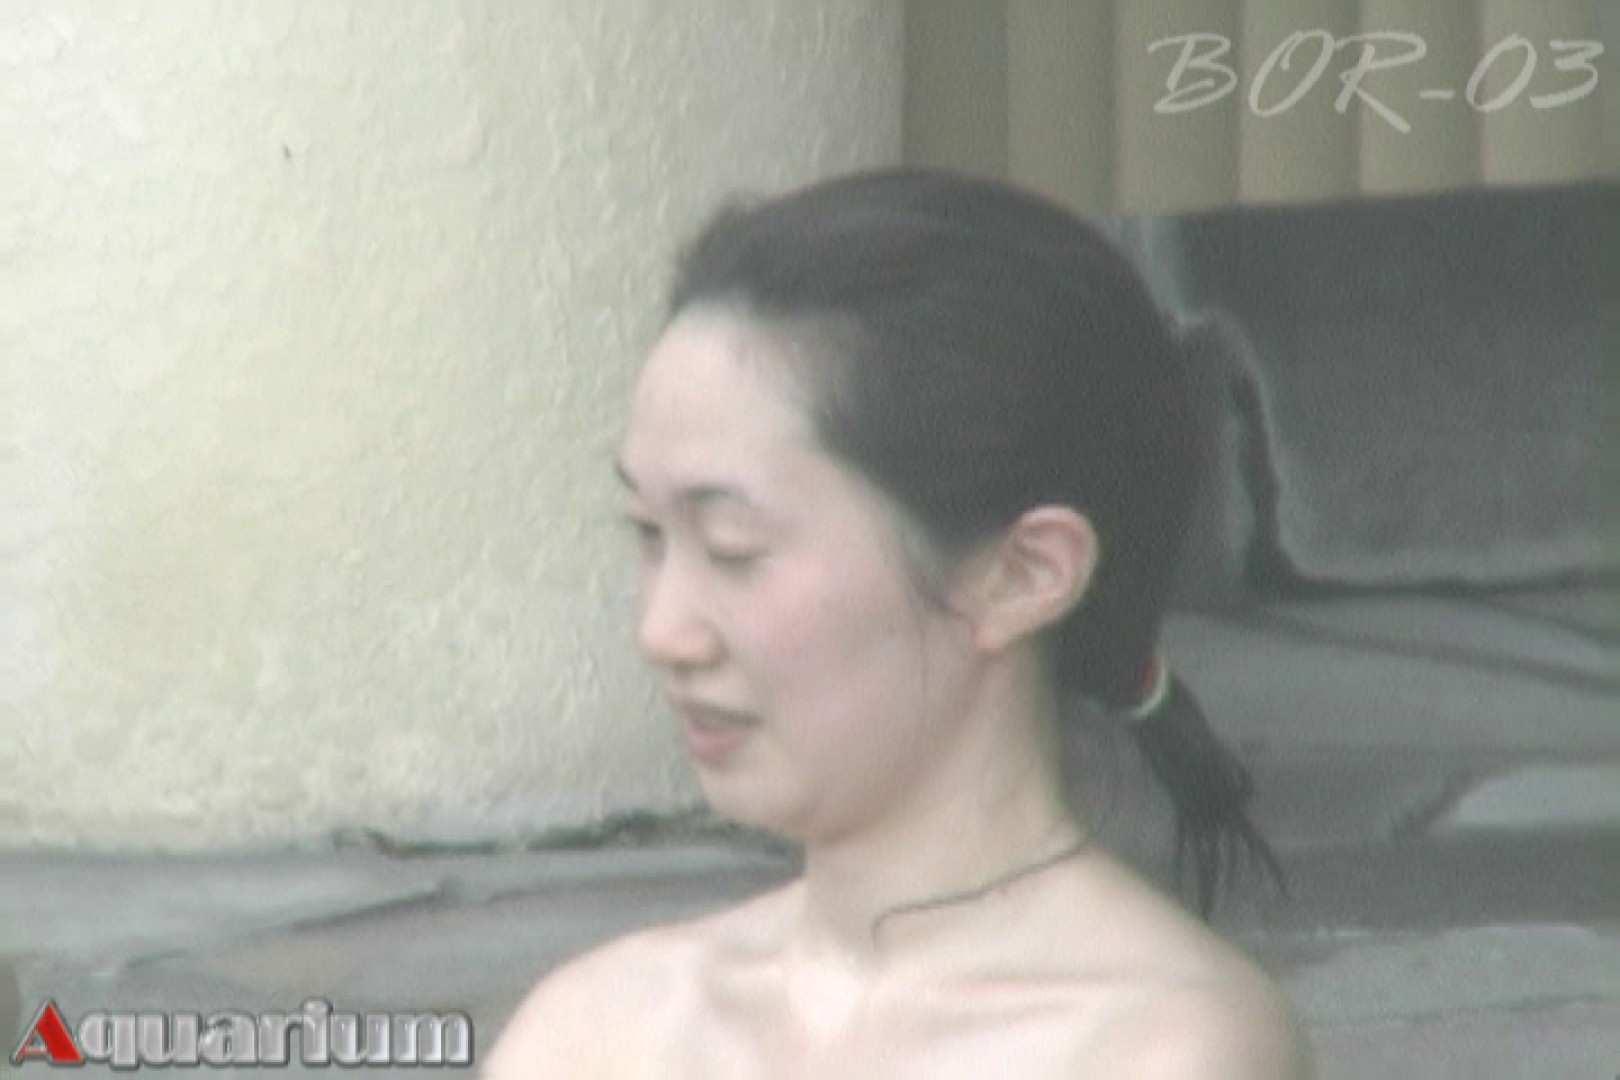 Aquaな露天風呂Vol.488 人気作 のぞき動画キャプチャ 108PIX 54